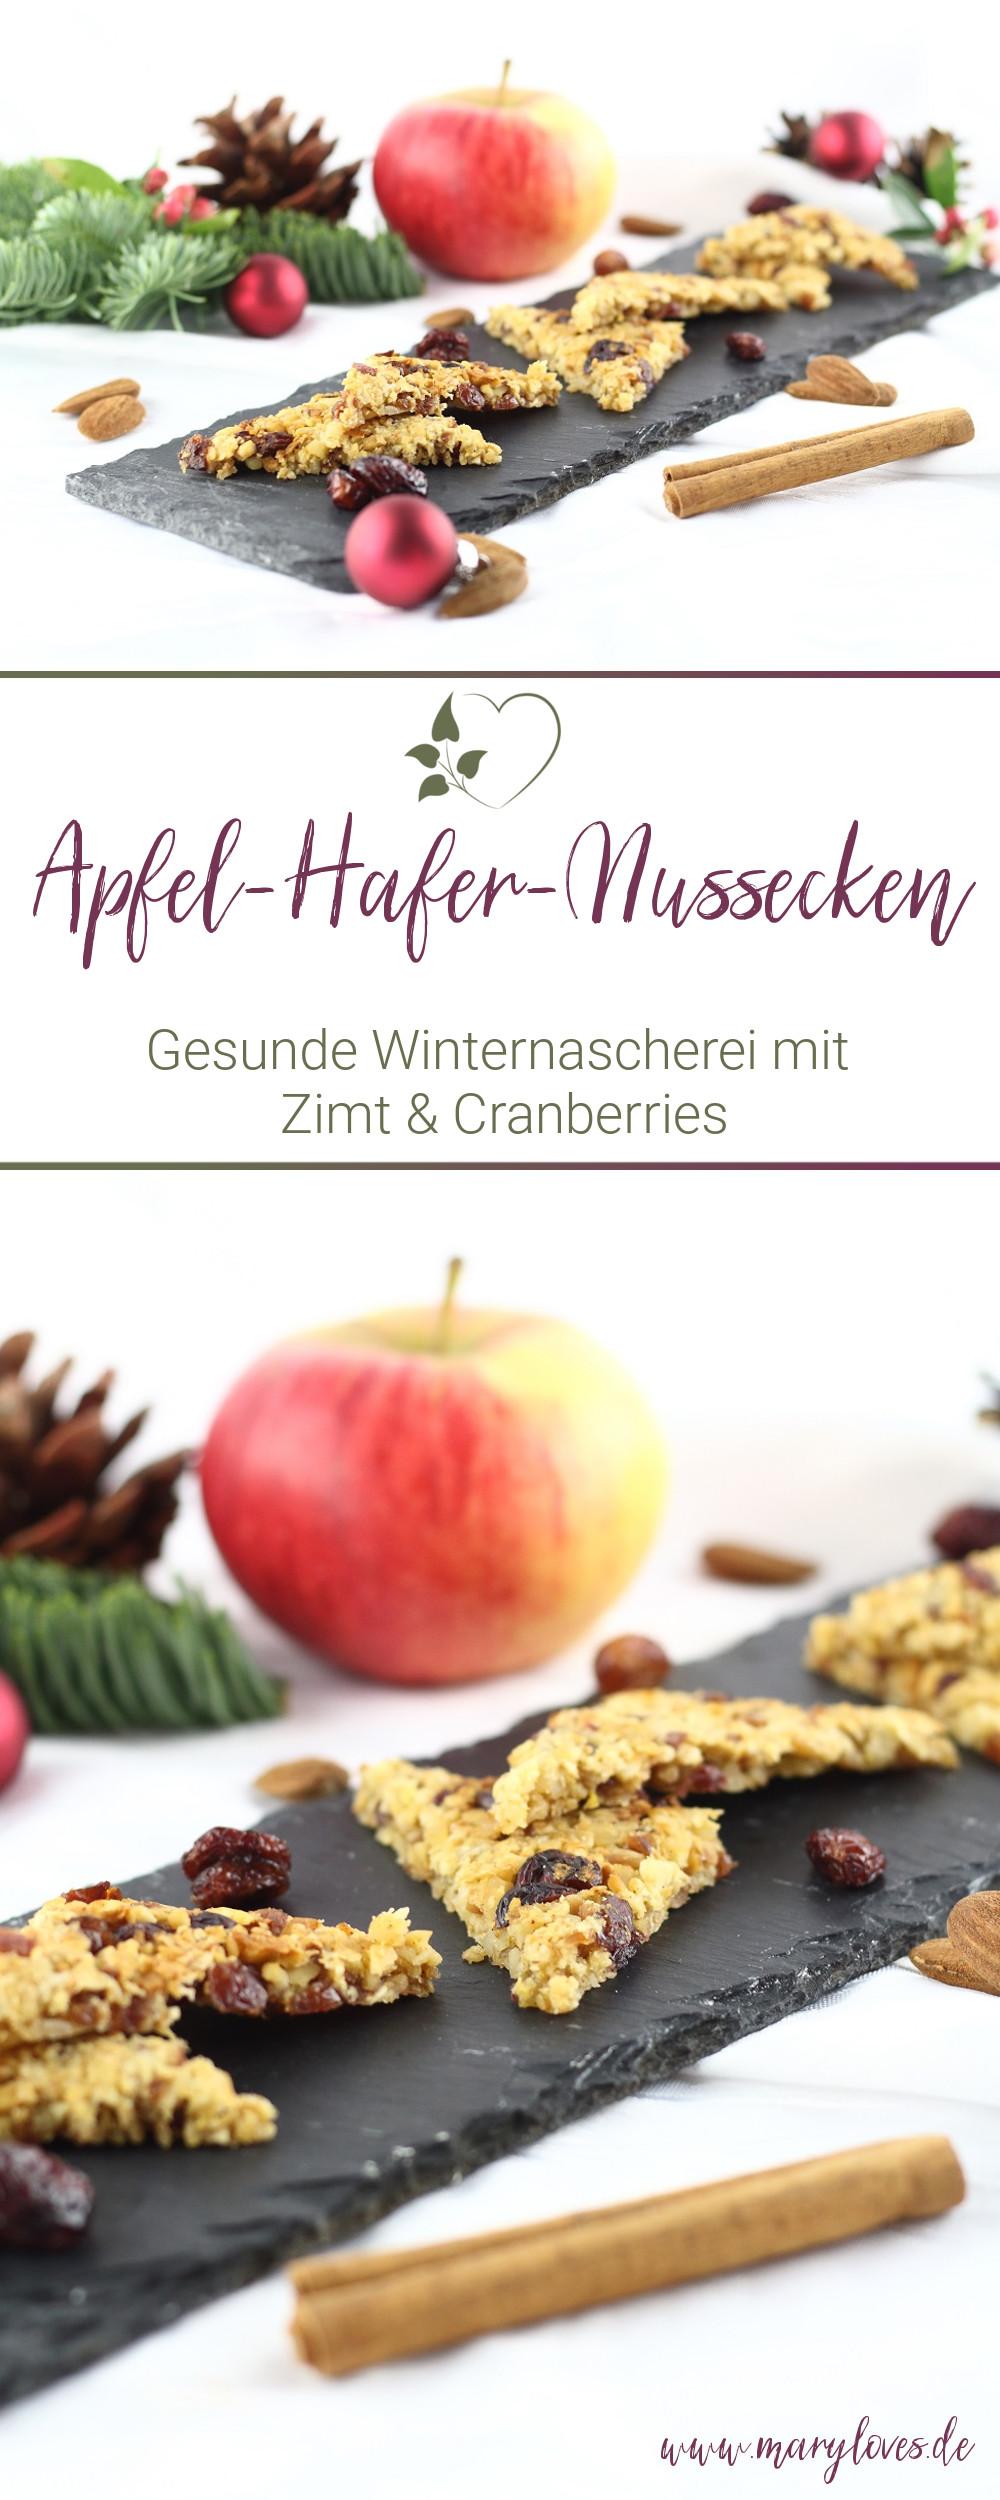 Winterliche Apfel-Hafer-Nussecken mit Cranberries - #apfelhafernussecken #zuckerfrei #gesunderezepte #müslinussecken #nussecken #babysnacks